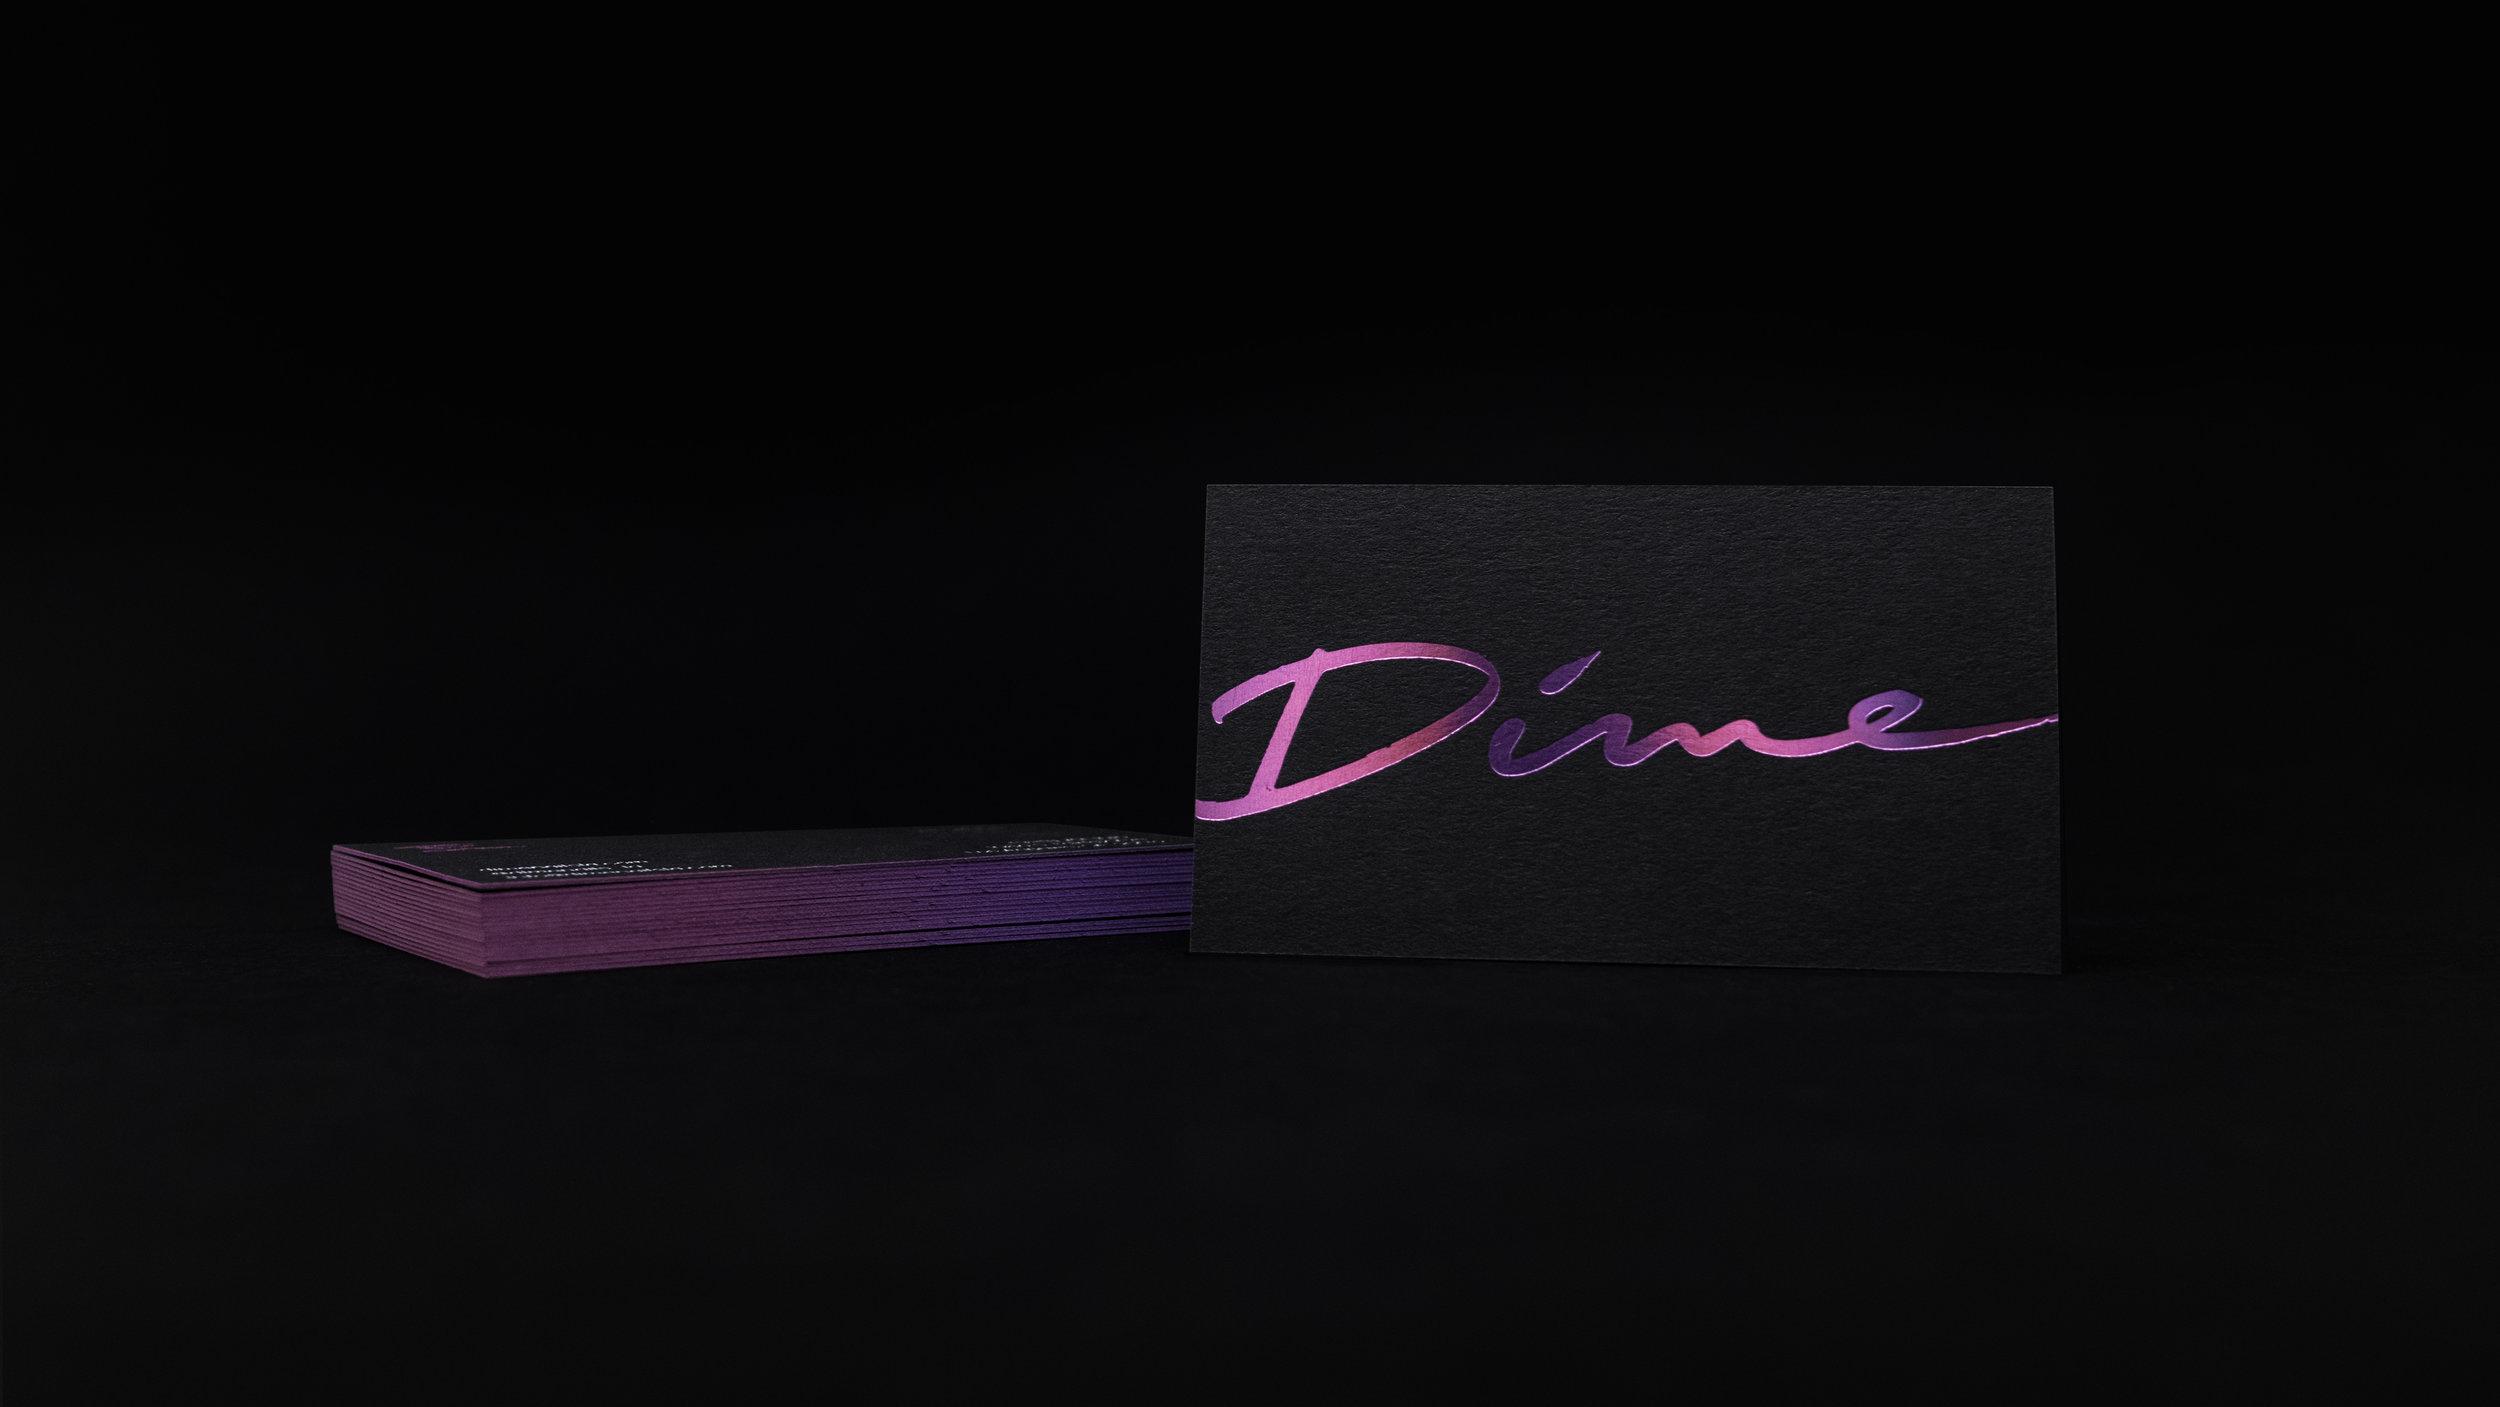 Dime_nailaalon_businesscards_julieeckertdesign_03.jpg